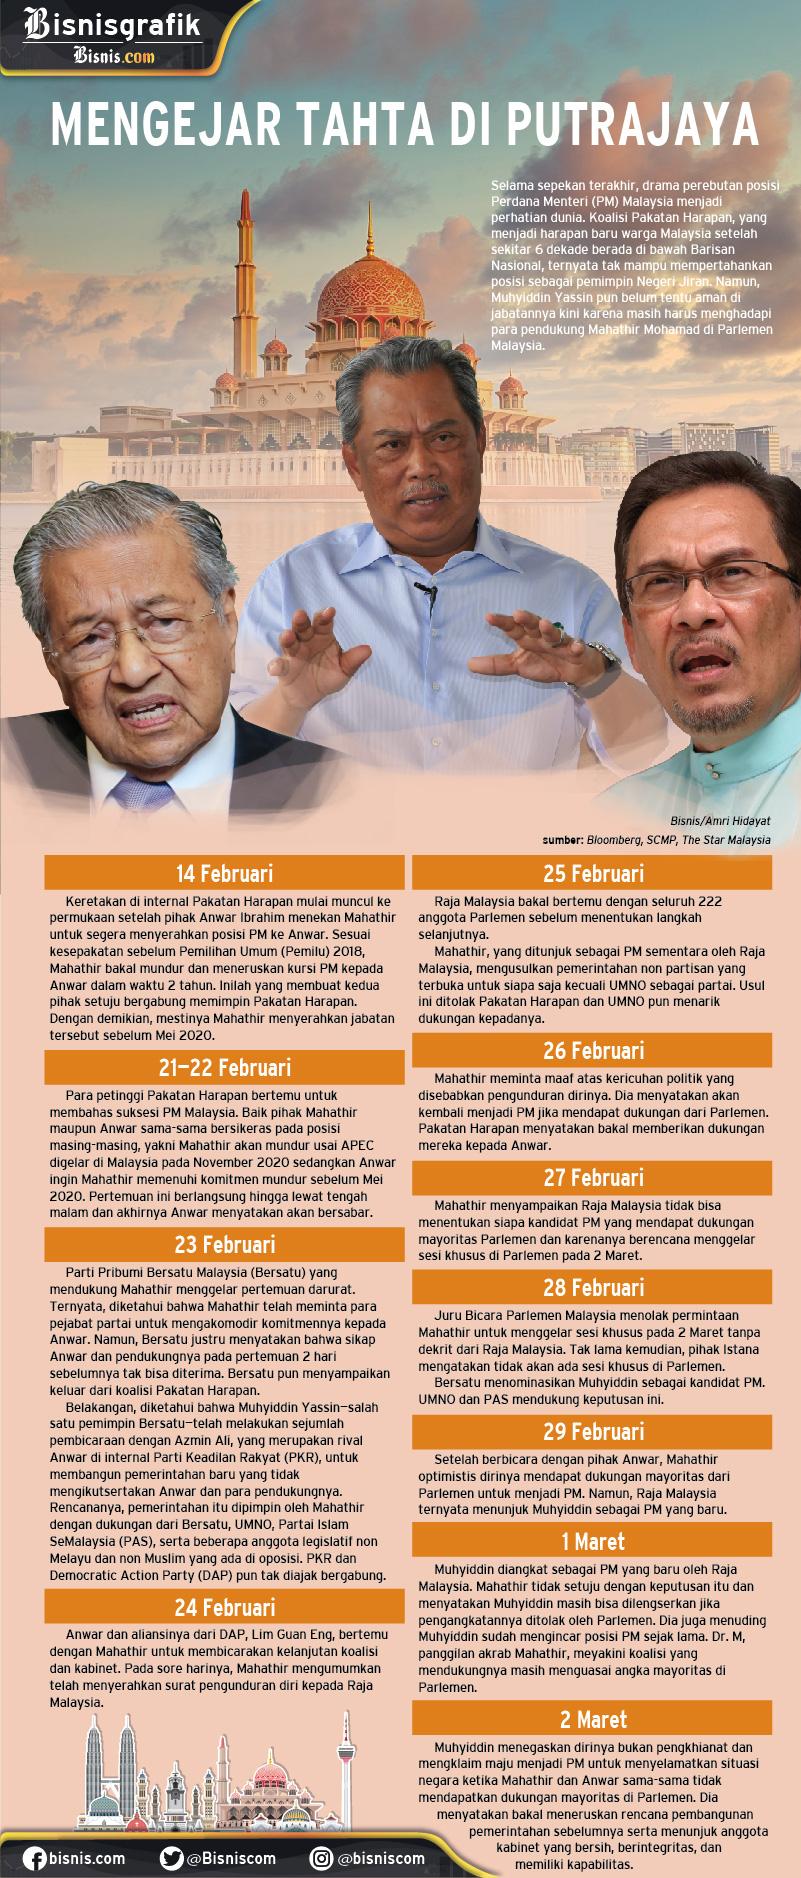 Infografik pertarungan kursi Perdana Menteri Malaysia. - Bisnis/Amri Hidayat